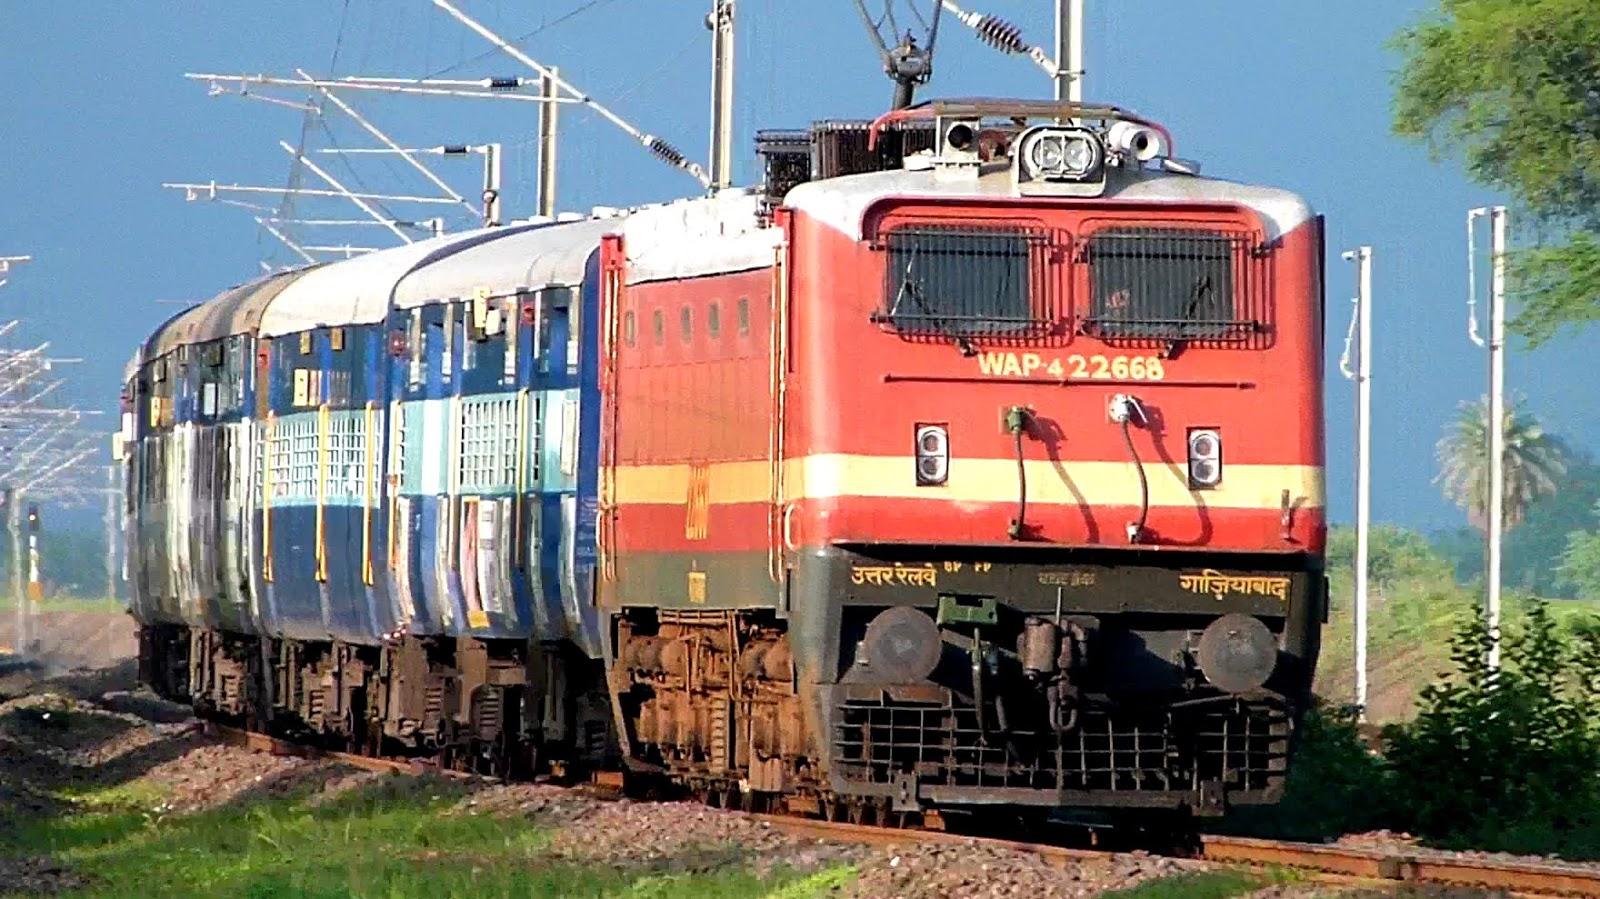 31 मार्च से आरा-सासाराम रेलखंड पर दौड़ेगी इलेक्ट्रिक इंजन, साथ मे कई ट्रेनें भी